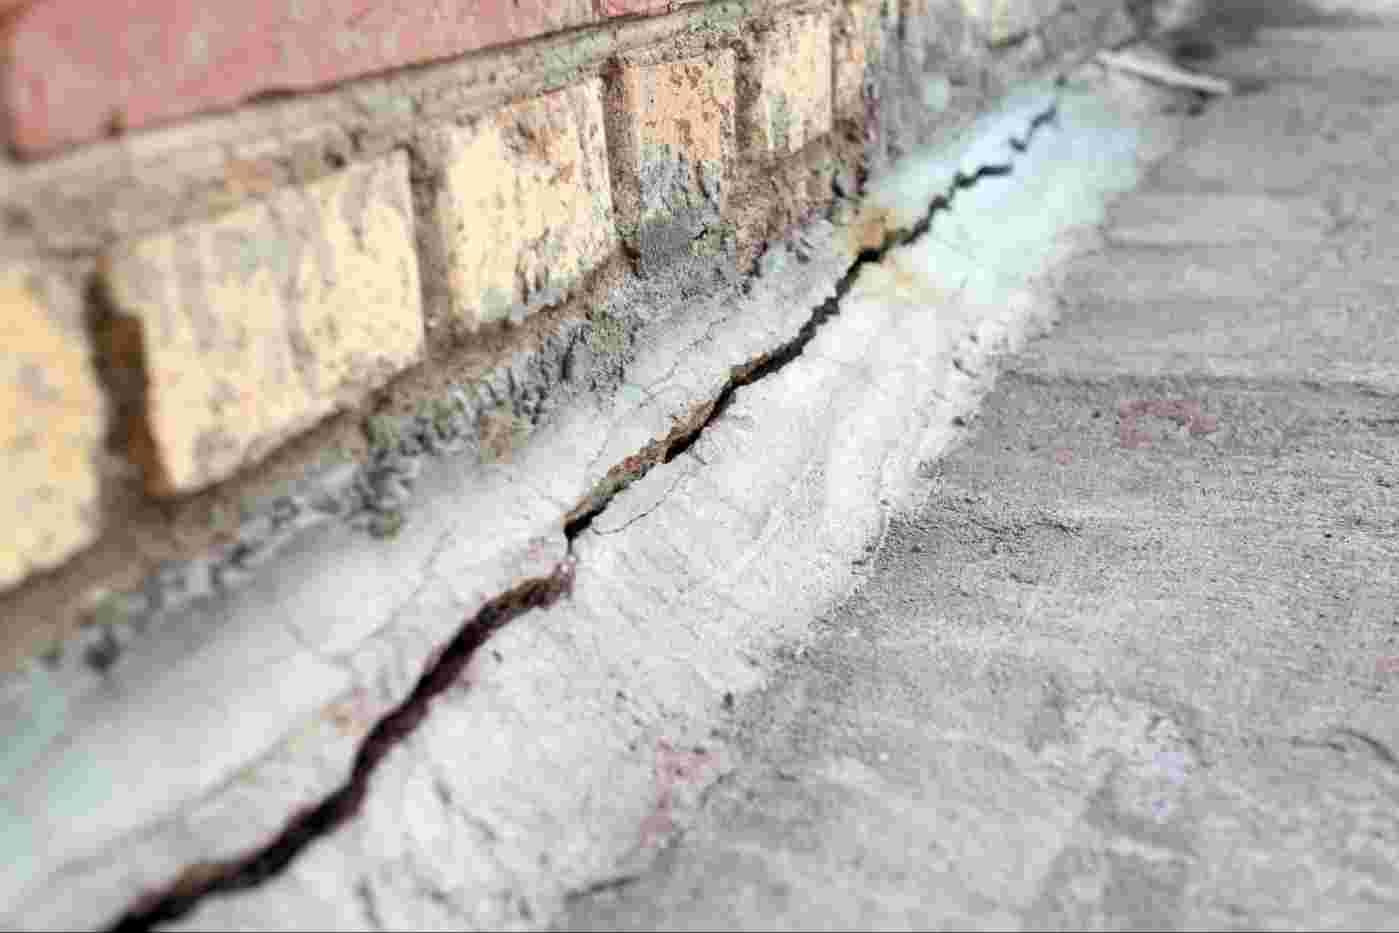 A horizontal foundation crack